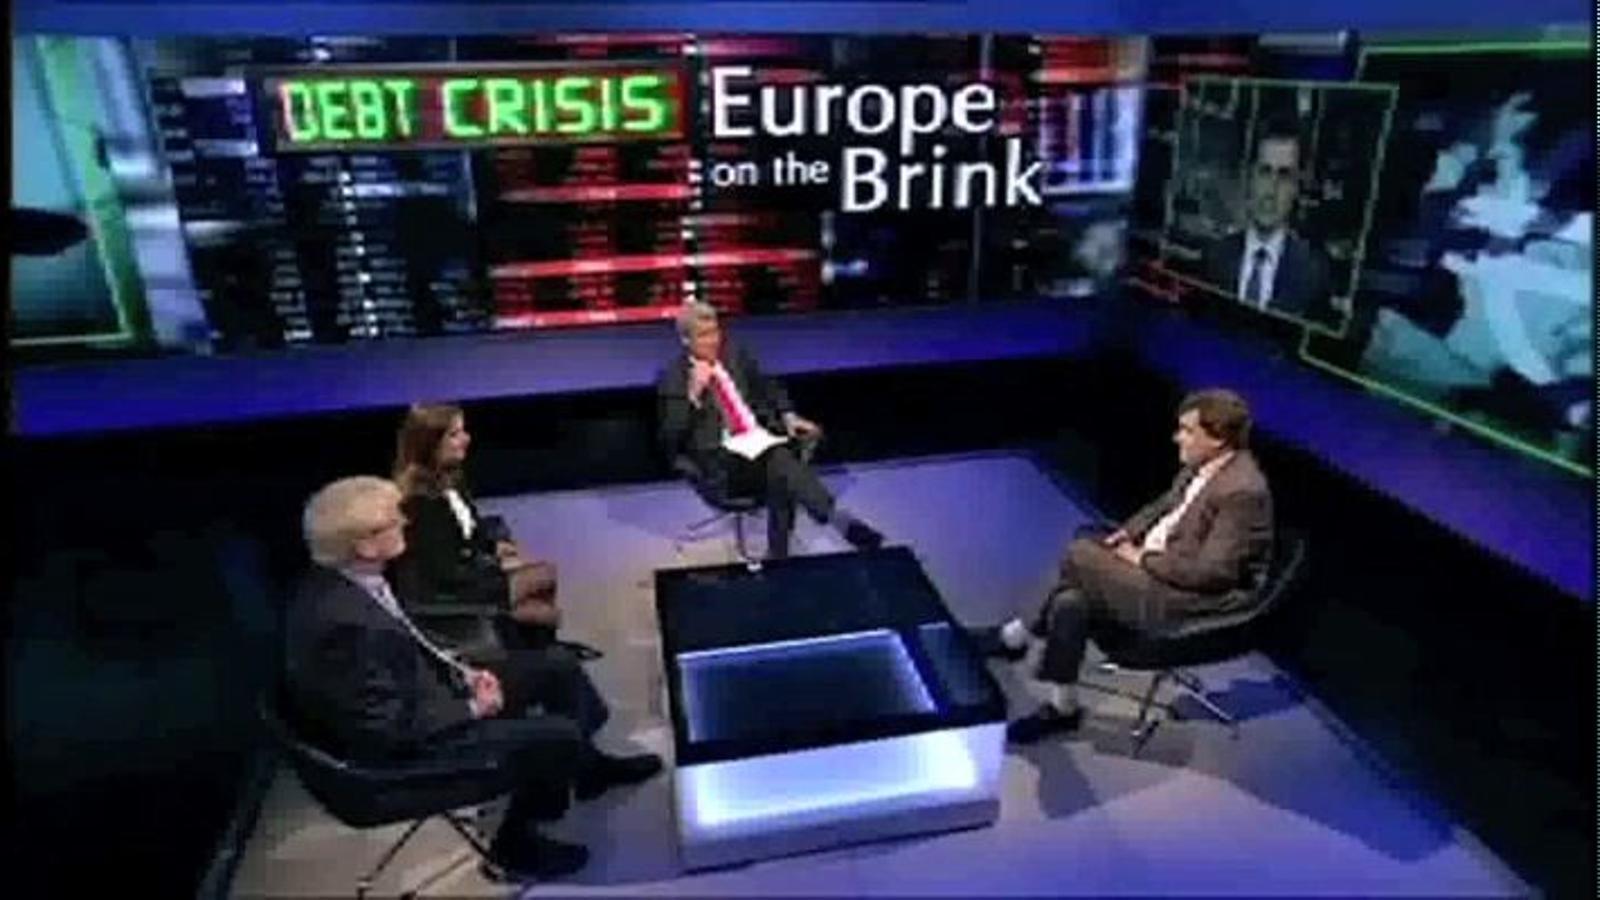 """Presentador de la BBC a Amadeu Altafaj, portaveu econòmic de la Comissió Europea: """"Idiota de Bussel·les: què respon?"""""""